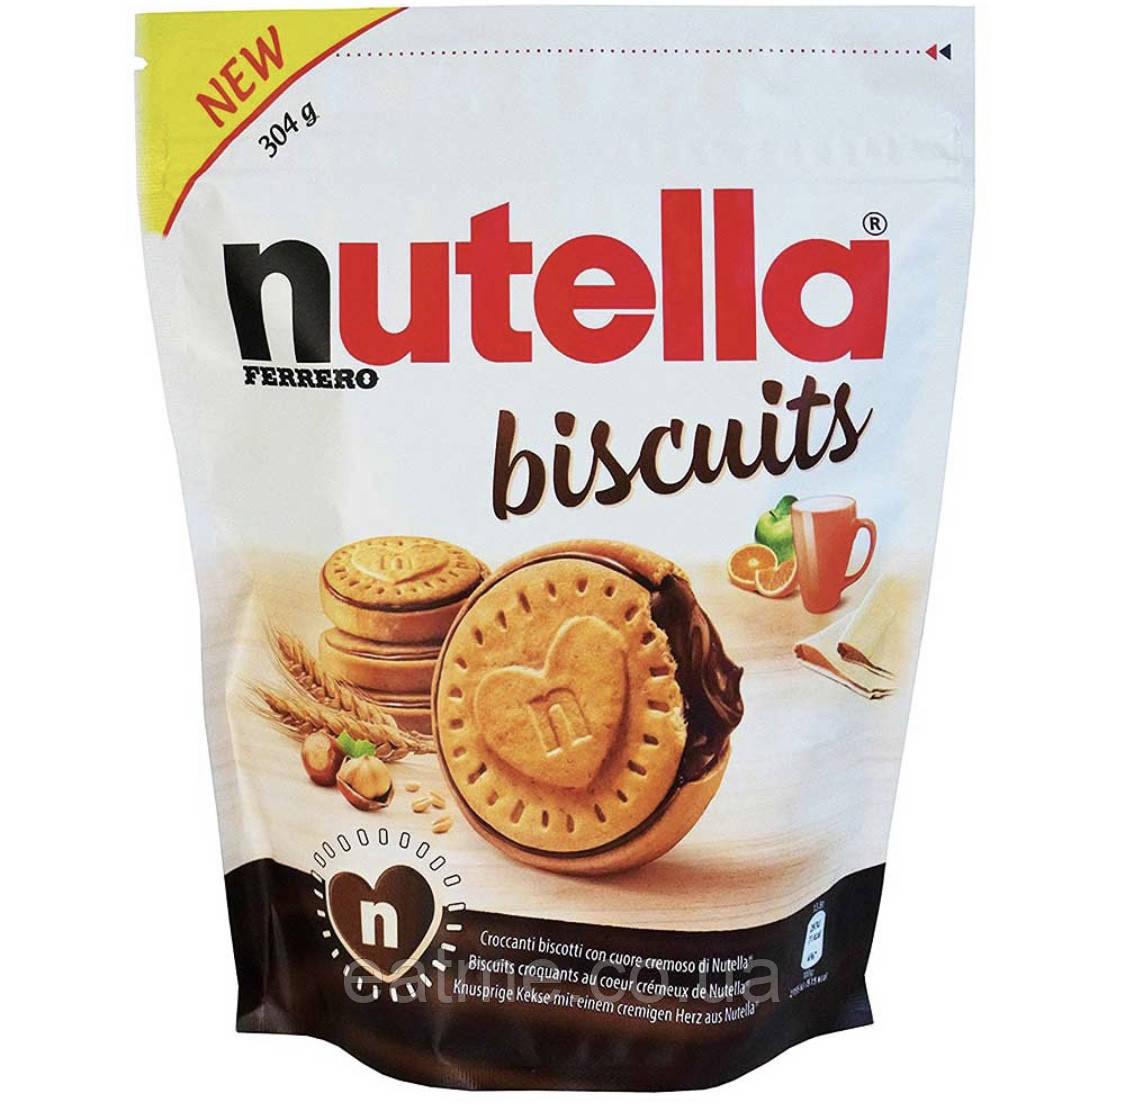 Nutella Biscuits Печенье с шоколадно-ореховой начинкой